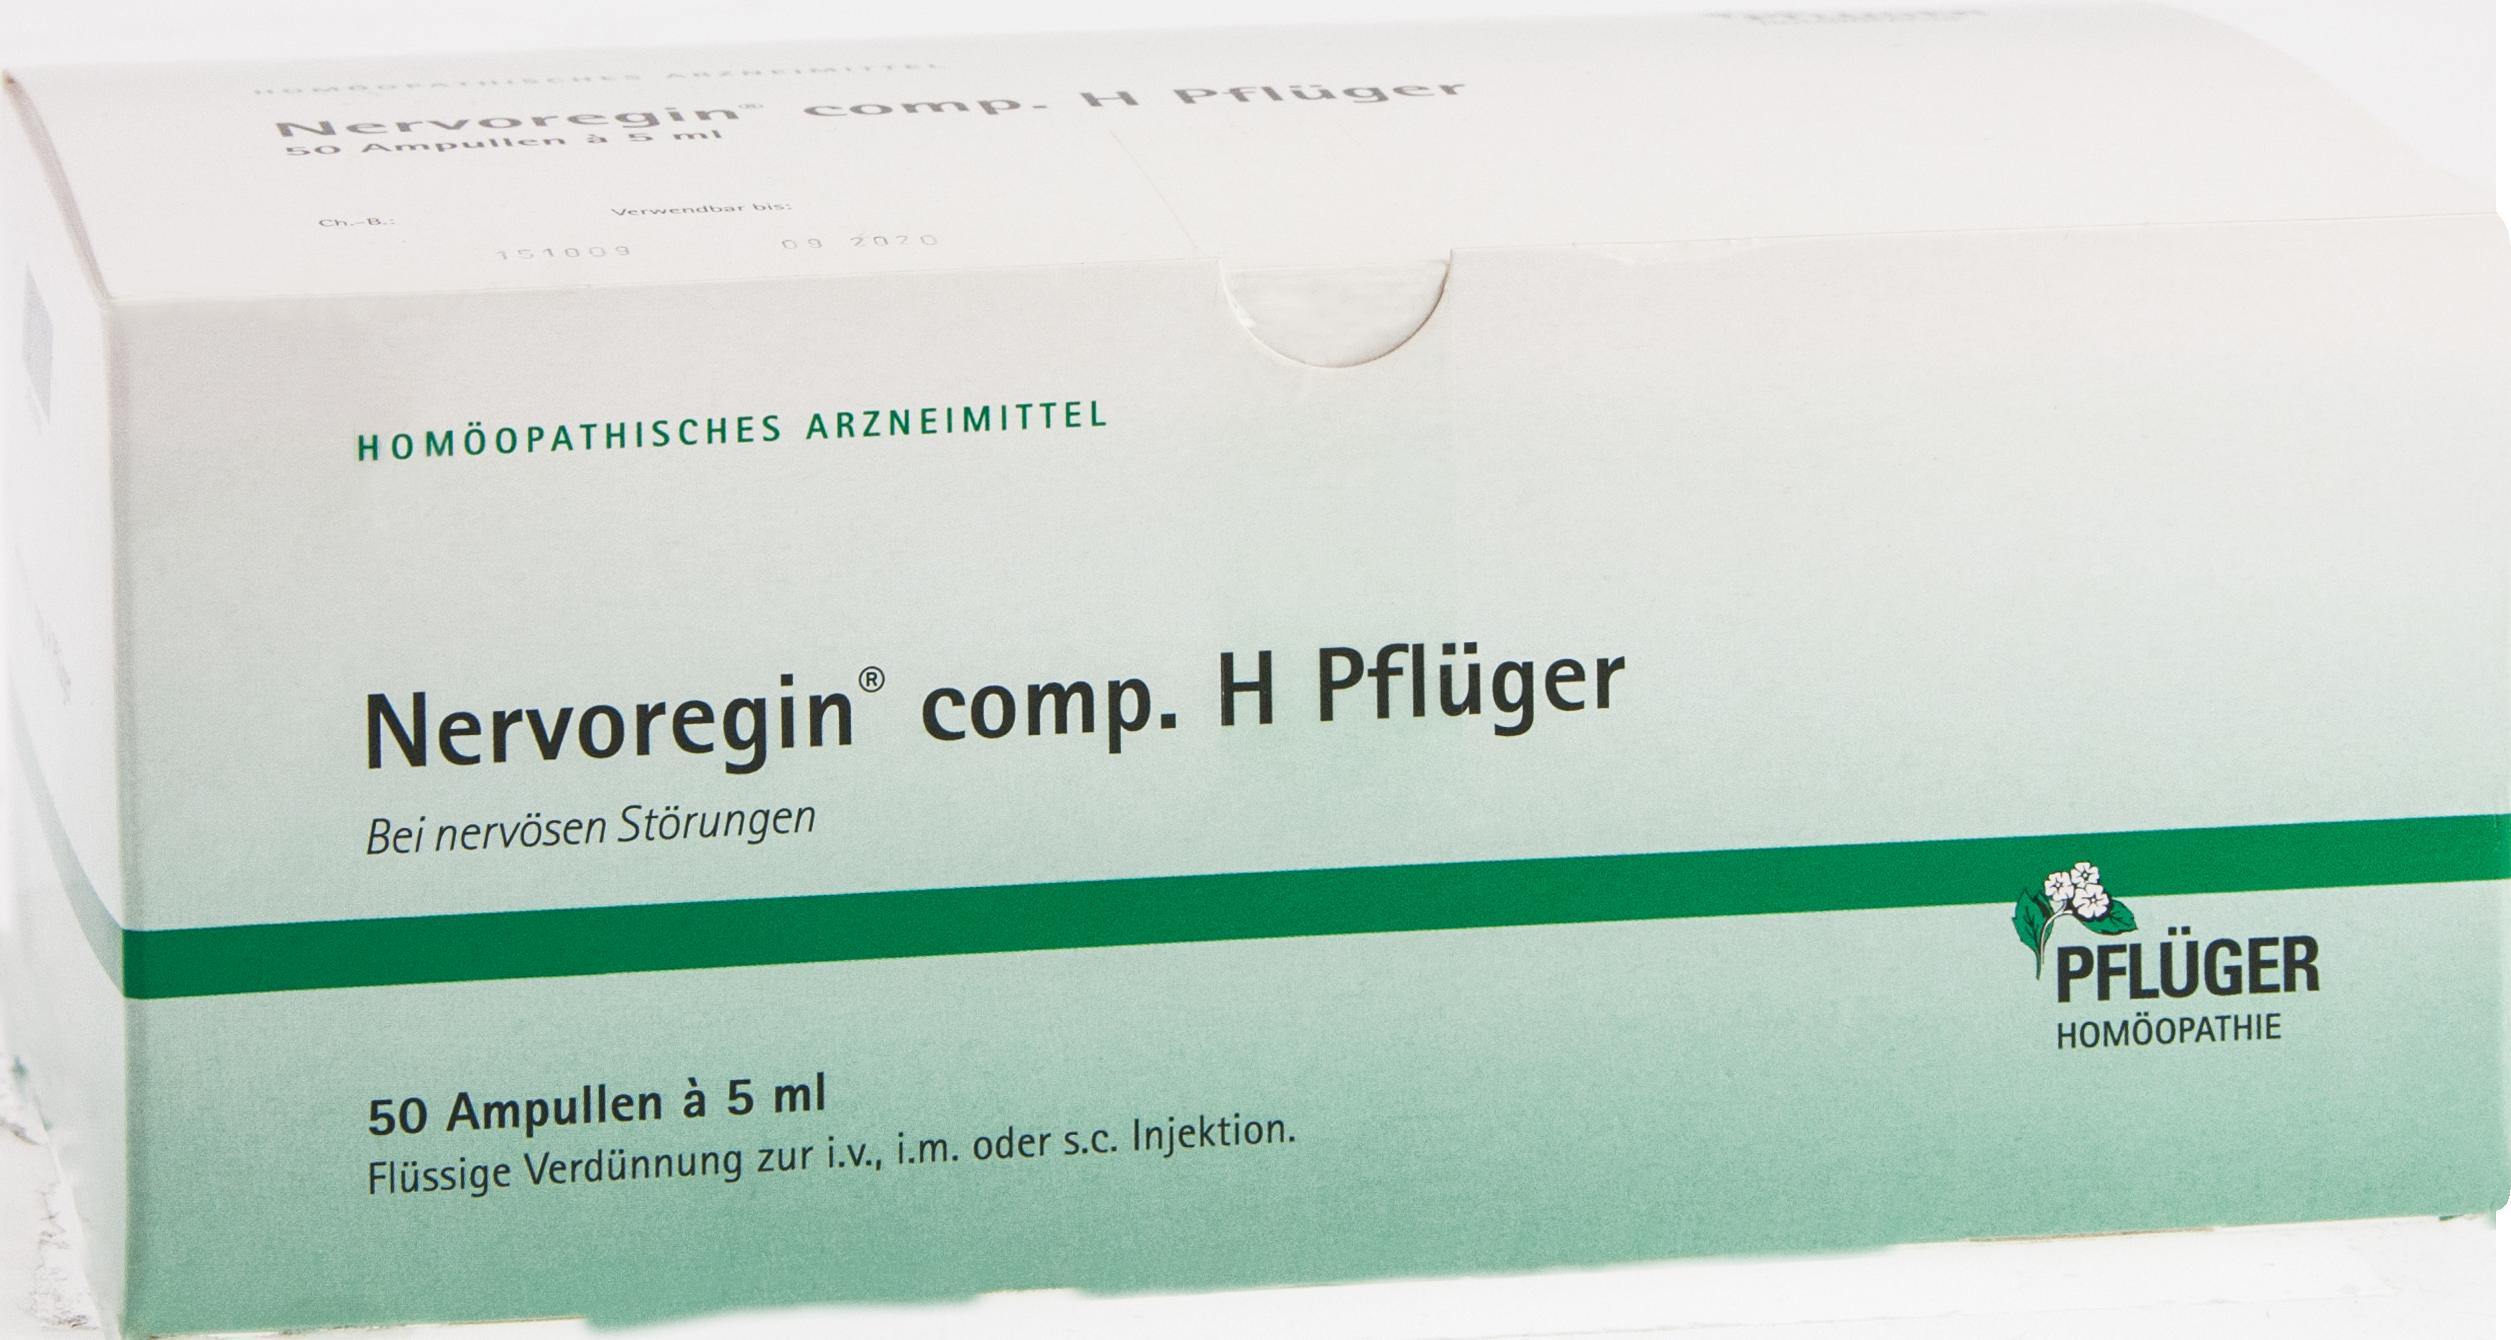 Nervoregin comp. H Pflüger